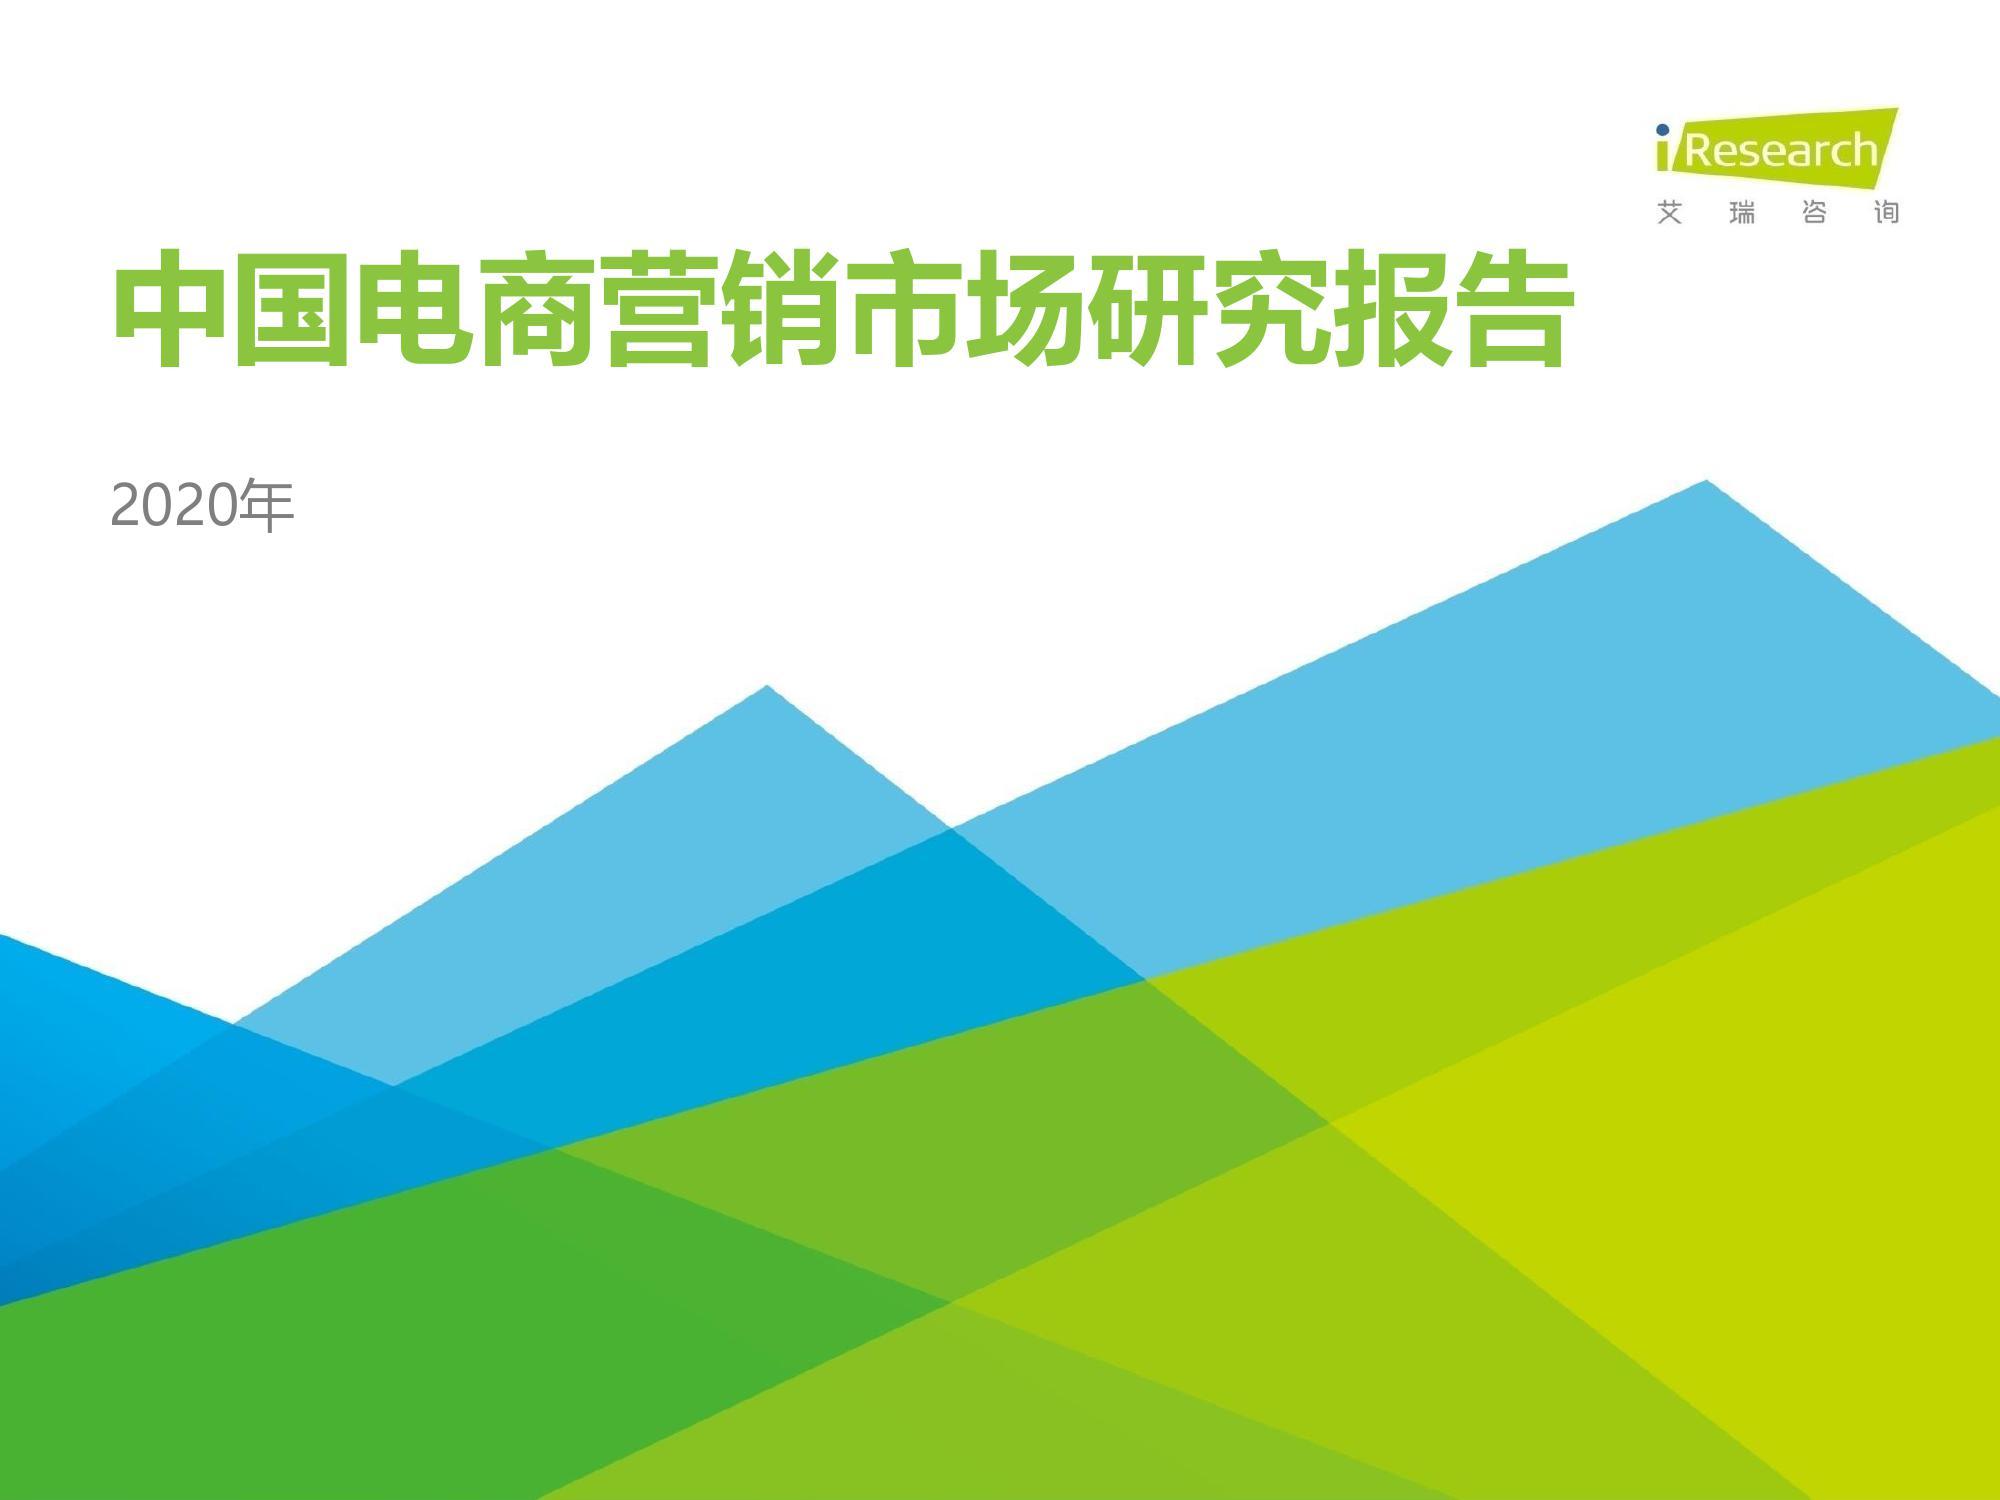 艾瑞咨询:2020年中国电商营销市场研究报告(附下载)